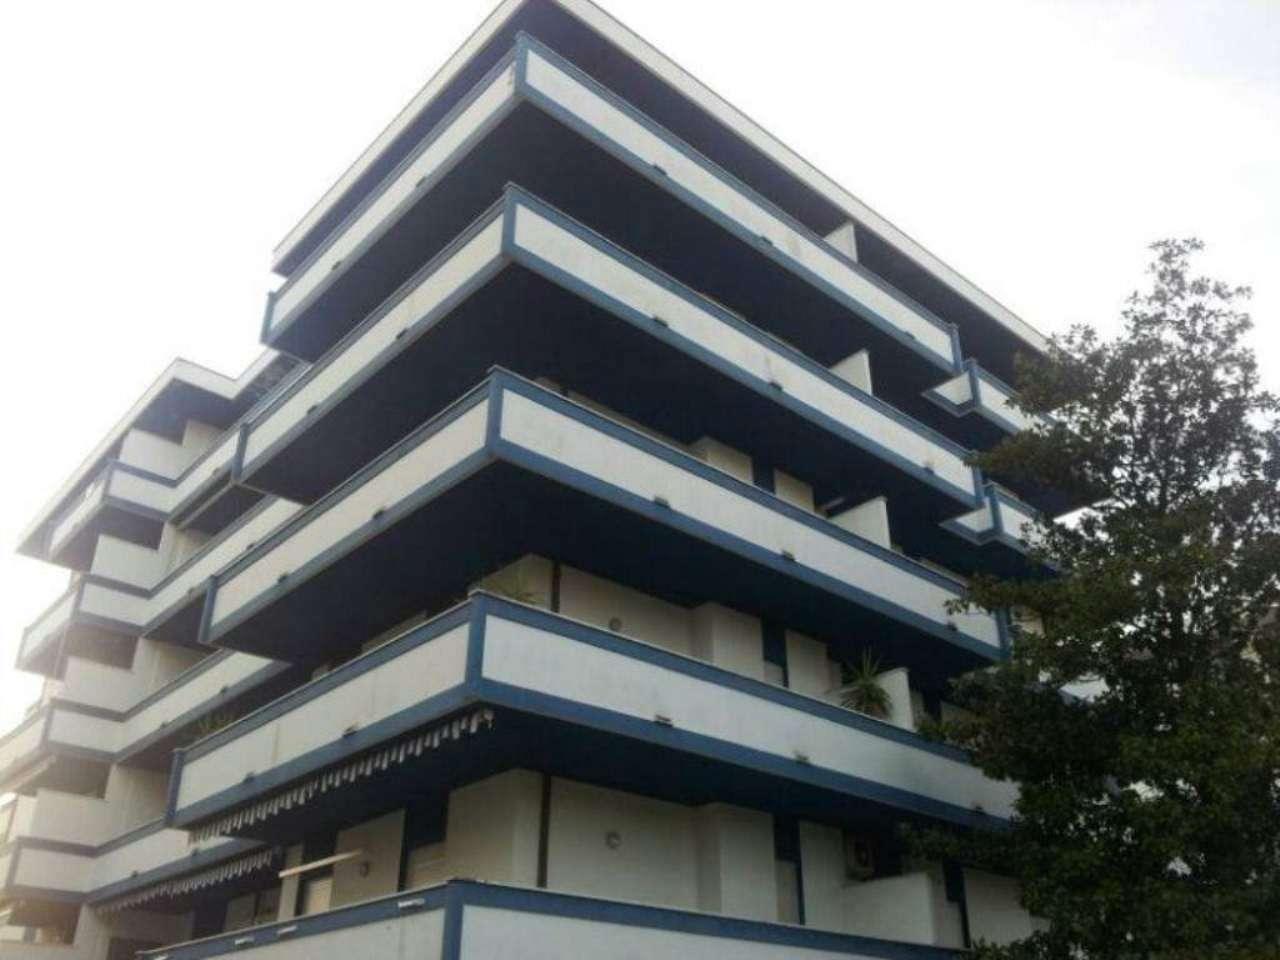 Attico / Mansarda in affitto a Silvi, 3 locali, prezzo € 600 | CambioCasa.it